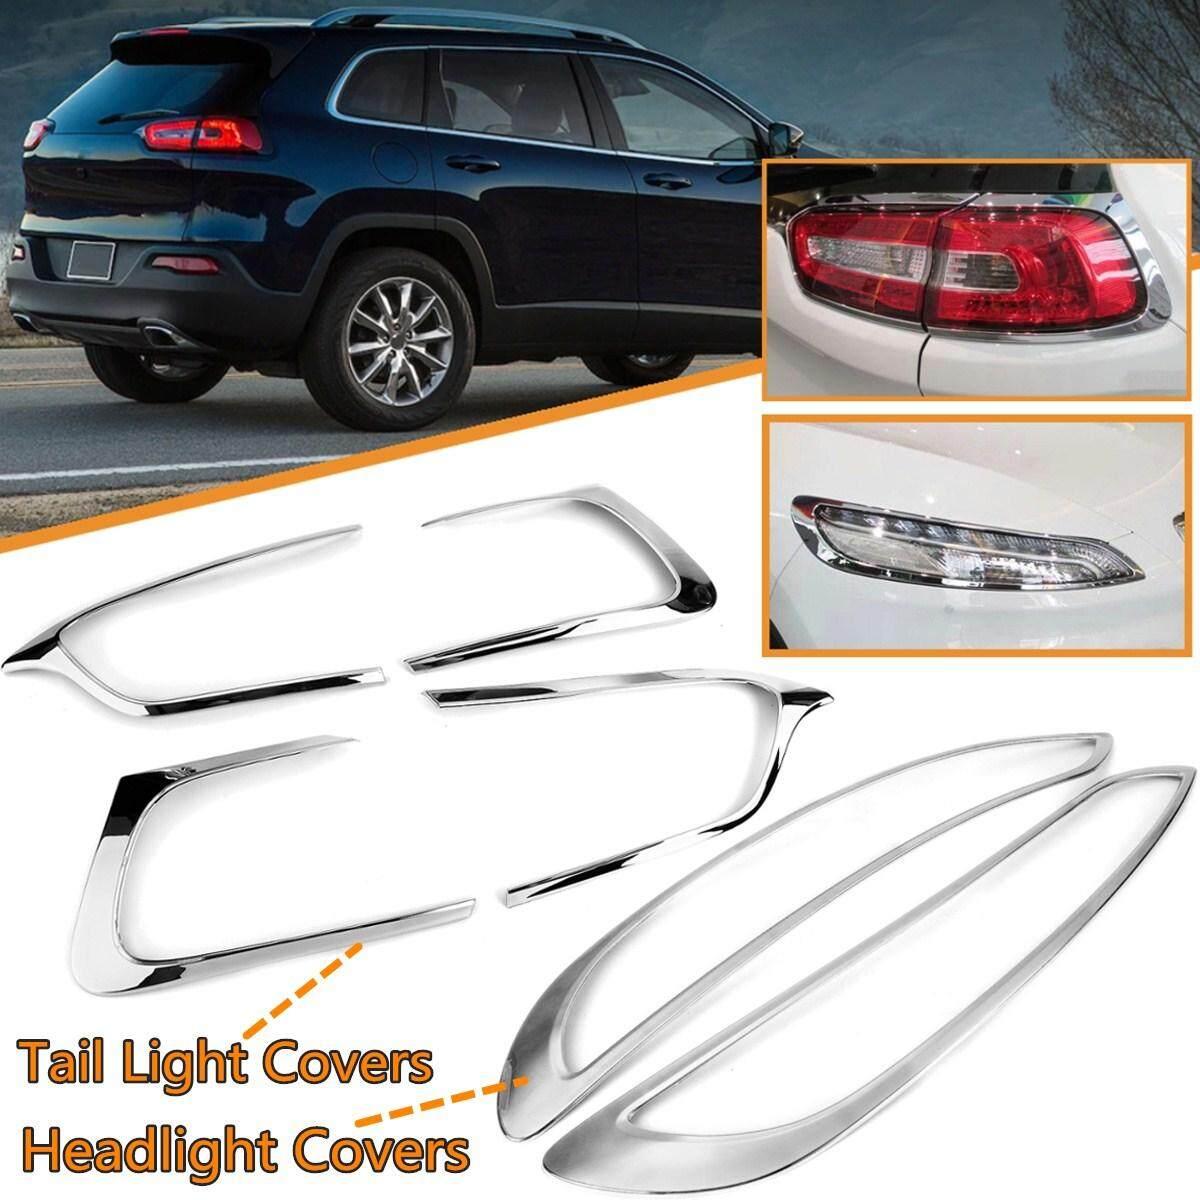 Dong ABS Cahaya Ekor Krom Covers + Penutup Lampu Trim untuk Jeep Cherokee 2014-2018